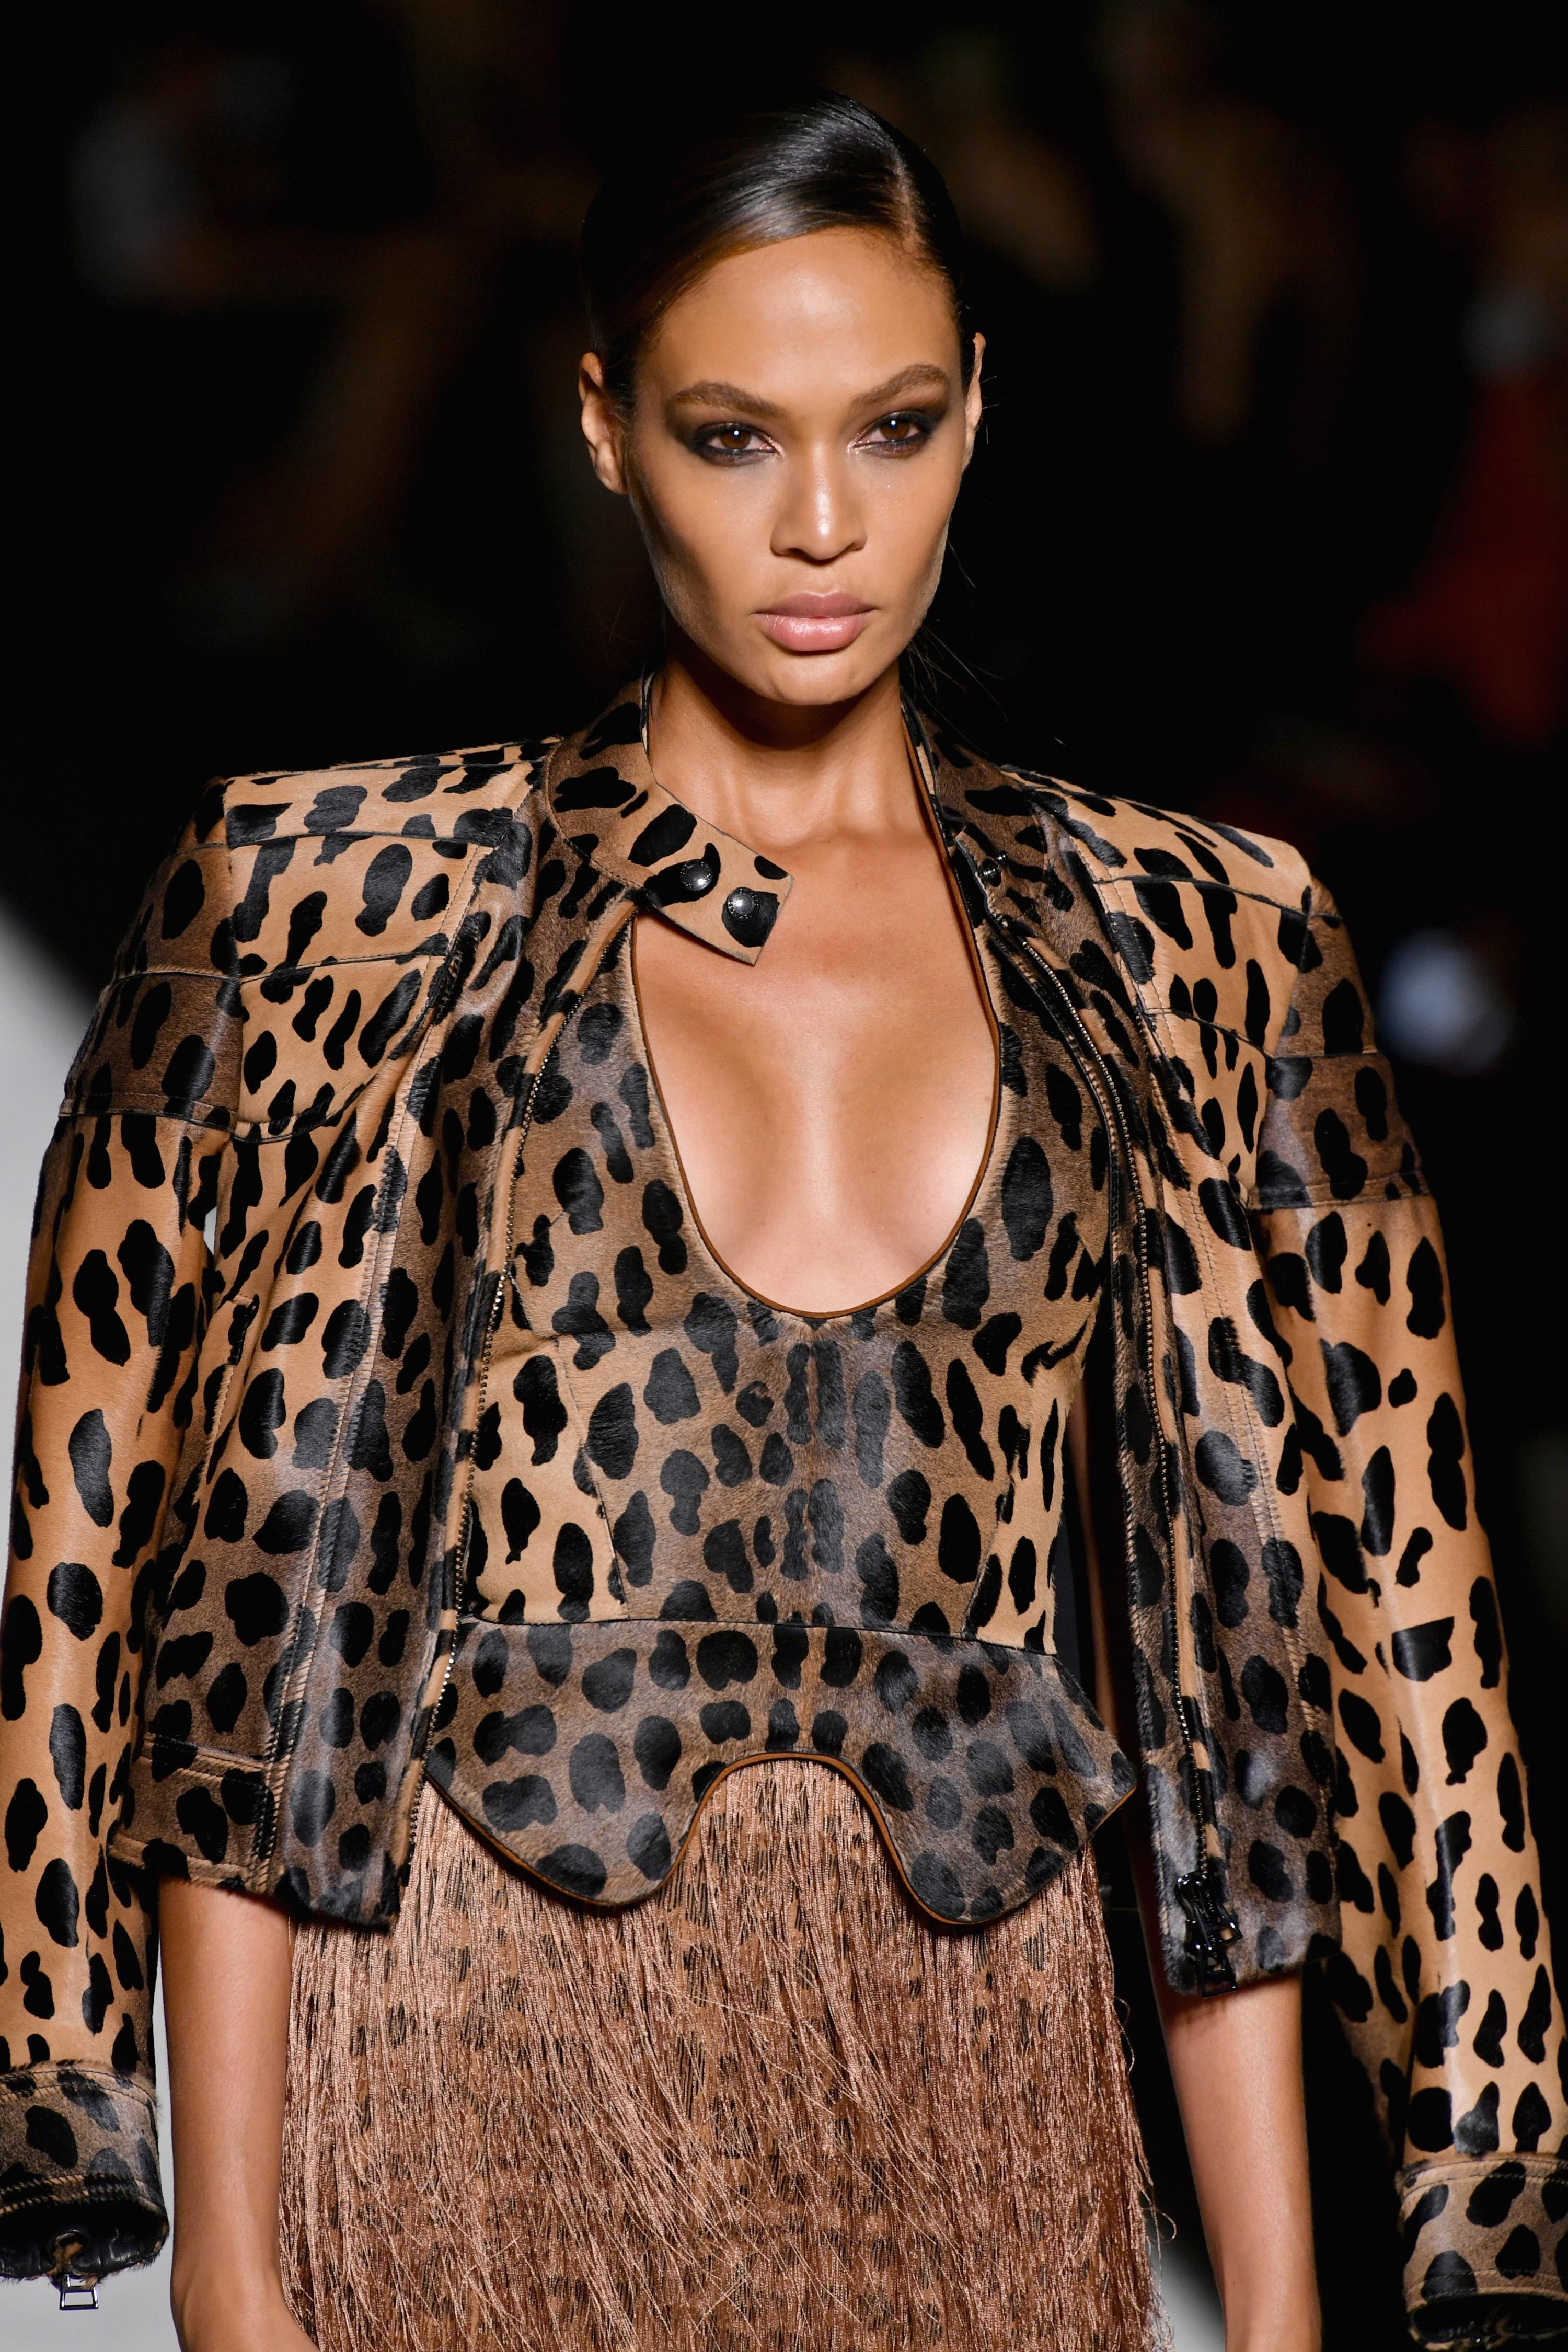 Джоан Смолс Джоан в детството си редовно посещава курсове в Пуерто Рико. Въпреки загубата на безброй състезания в сферата на модната индустрия, Смолс се мести в Ню Йорк и по самоинициатива кандидатства в няколко модни агенции, а през 2009 подписва договор с IMG Models. Дебютира като модел през 2010, а днес не можем да си представим безброй ревюта без нейно участие.